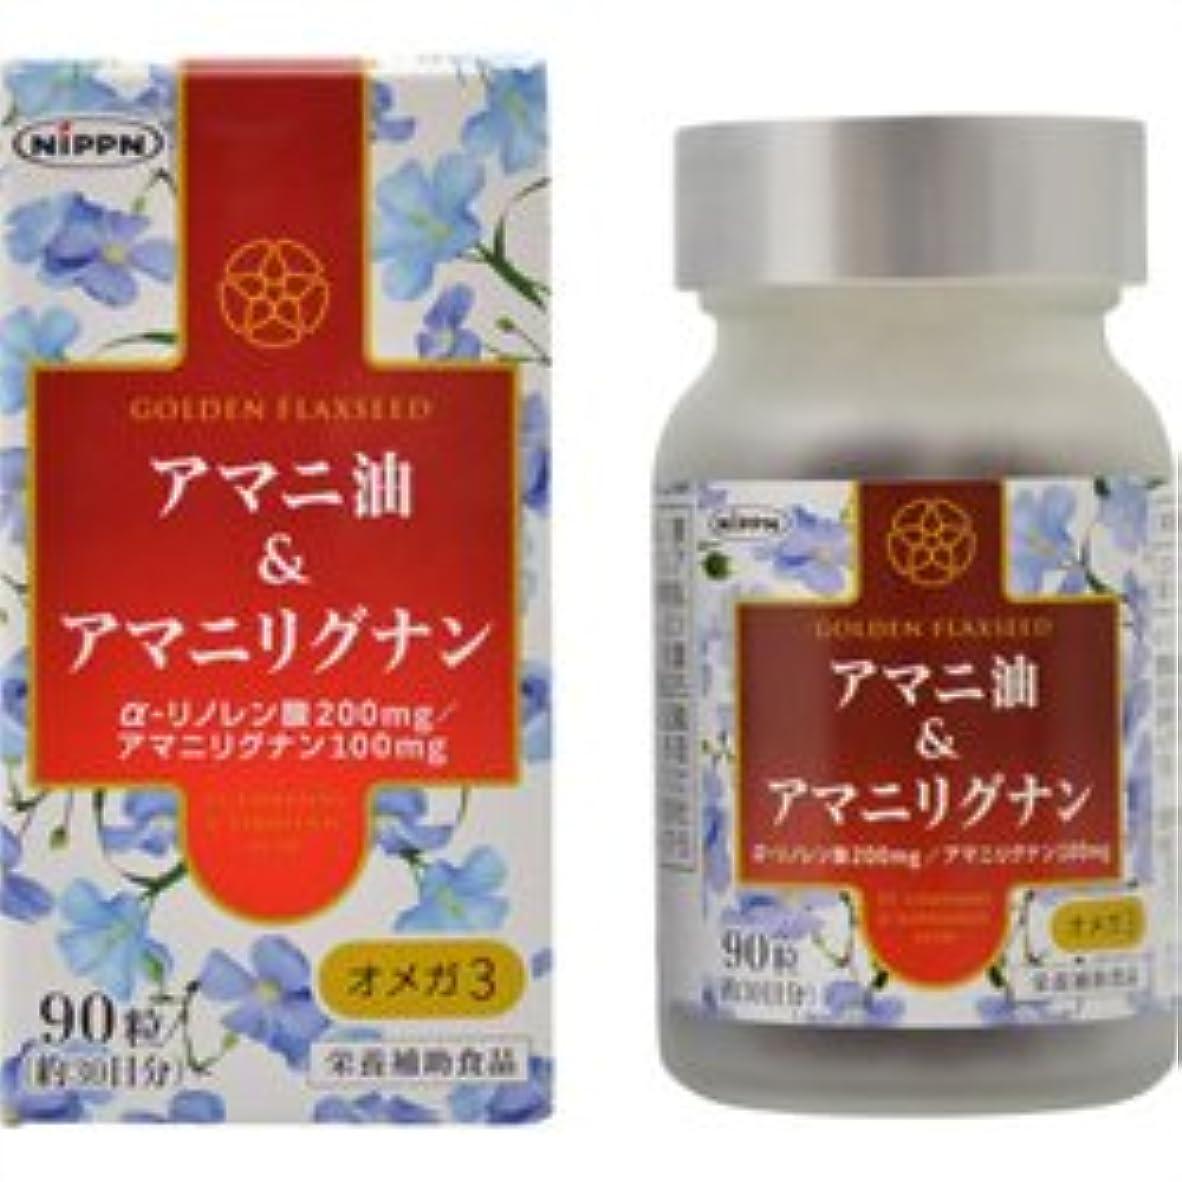 東部トラップサンダル【日本製粉】アマニ油&アマニリグナン 90粒 ×5個セット